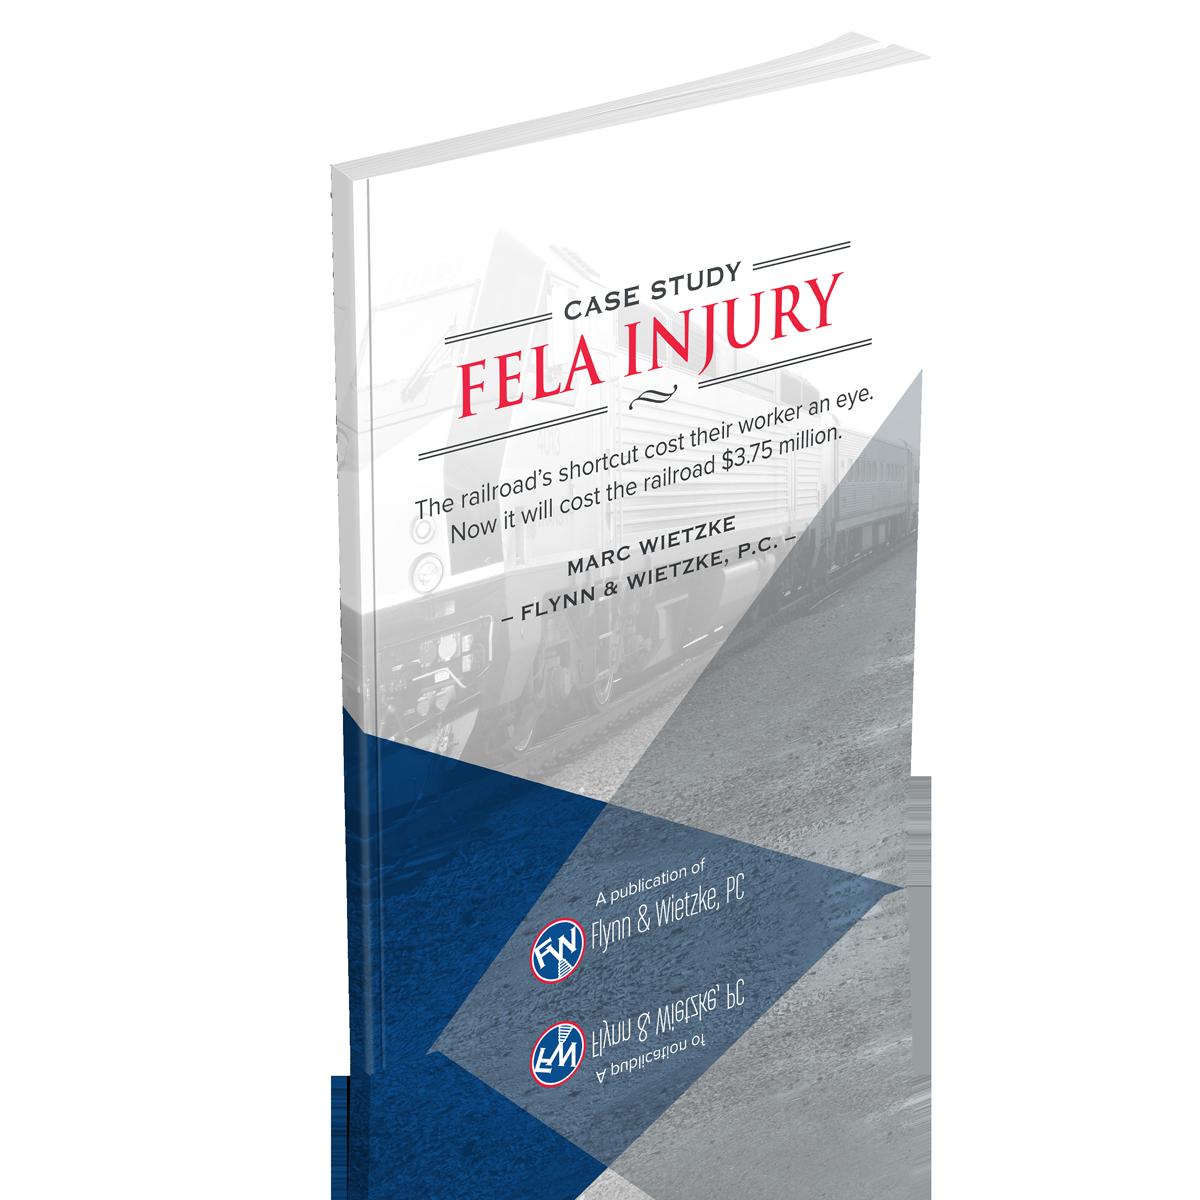 FELA_Injury_Case_Study_Mockup-1.png